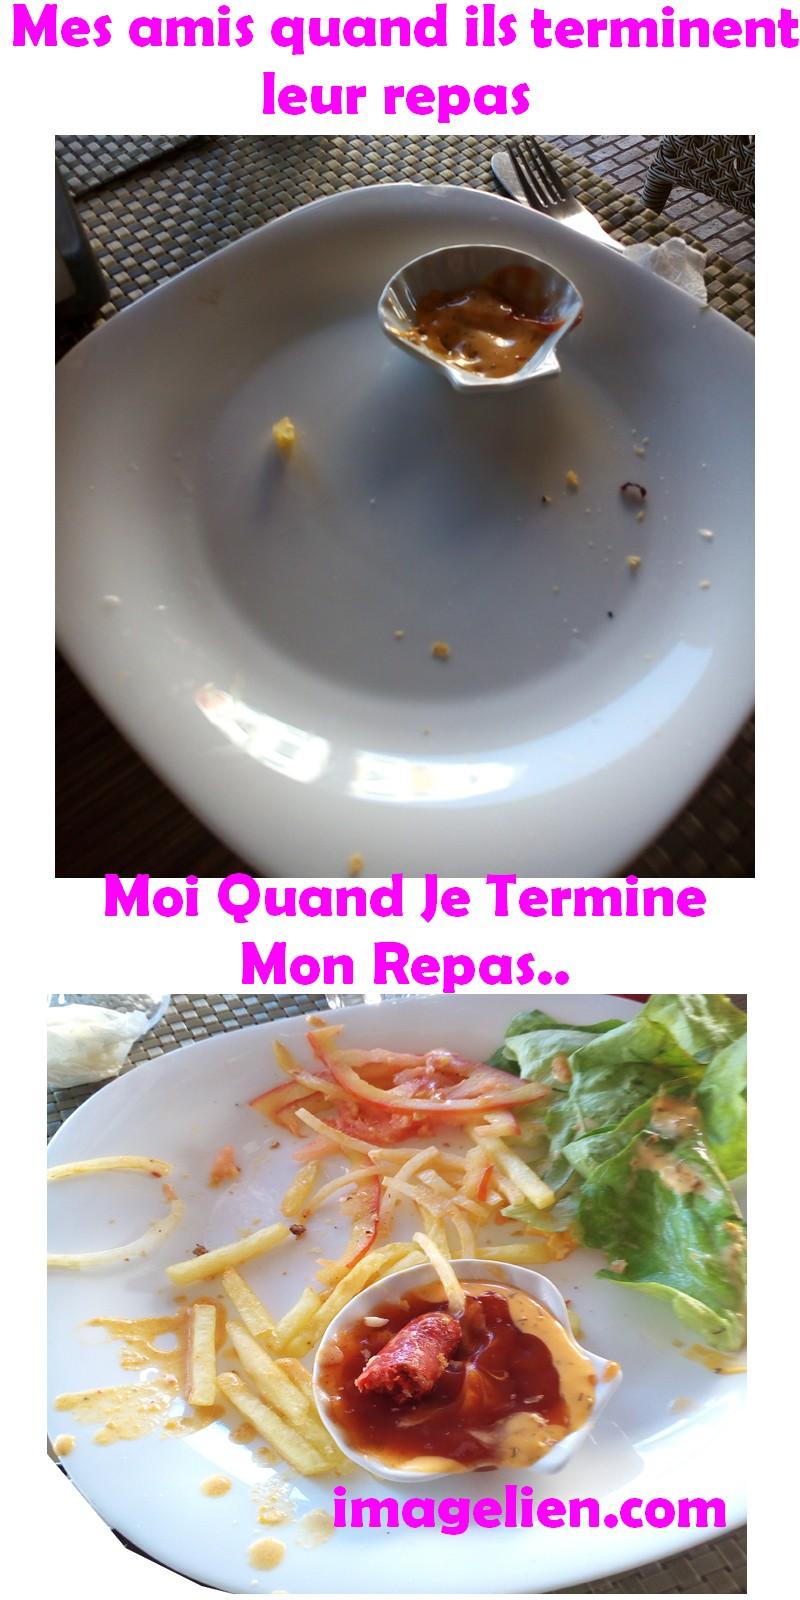 manger repas